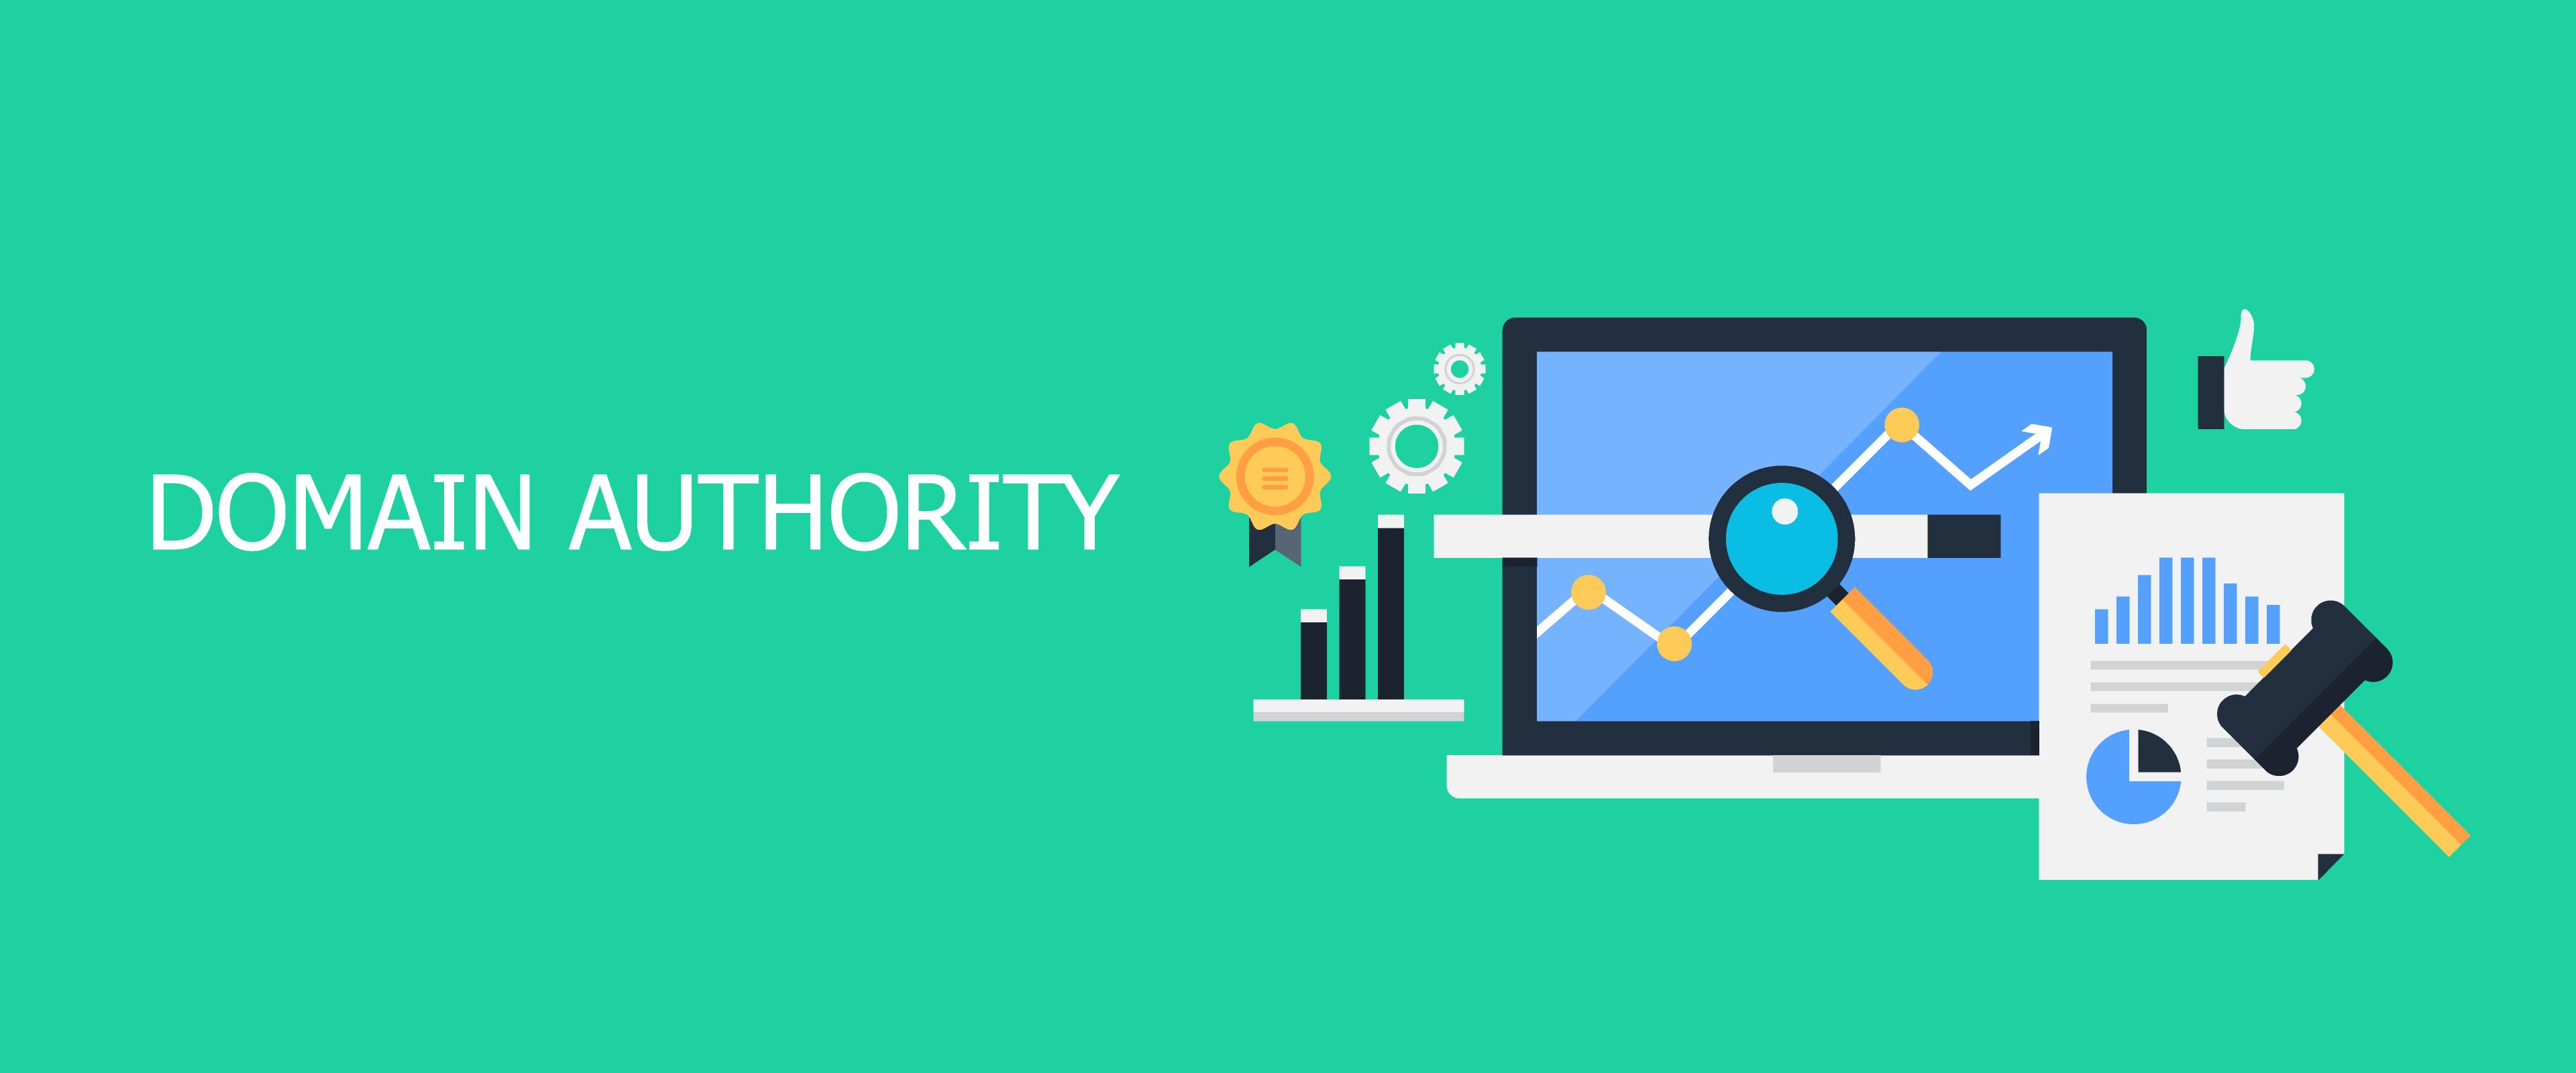 網站權威性_Domain Authority